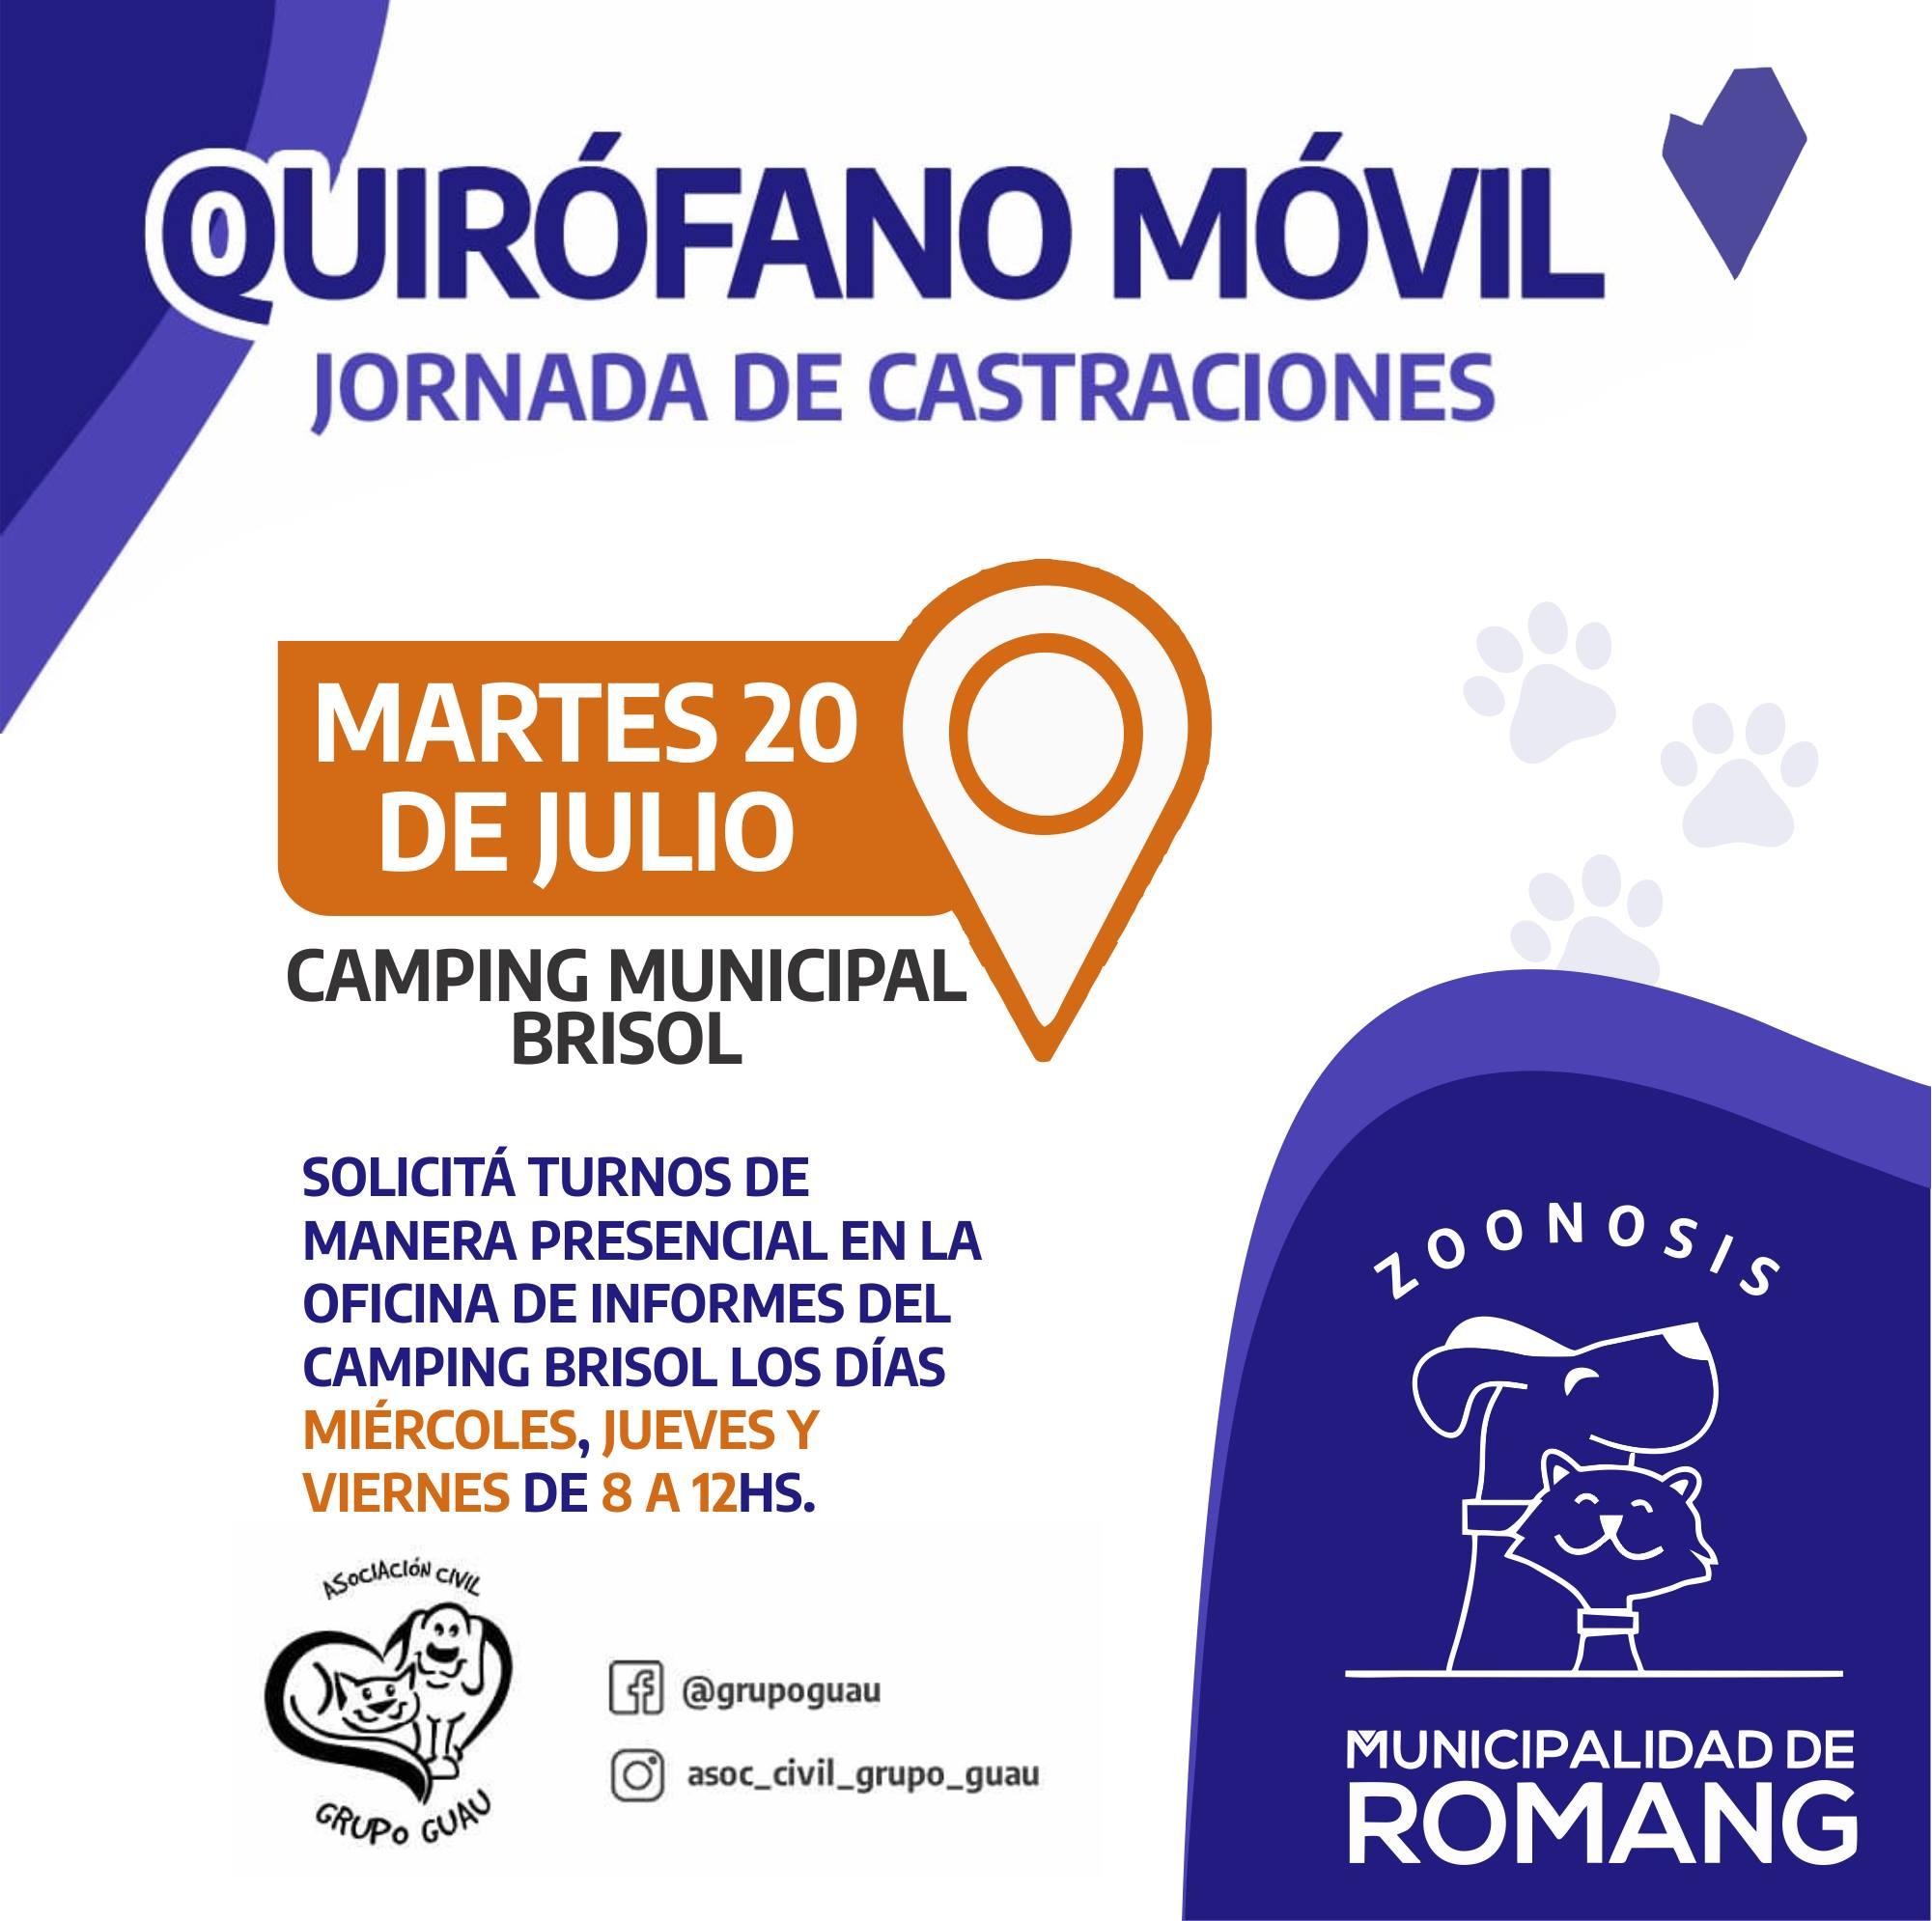 Romang: Quirófano Móvil